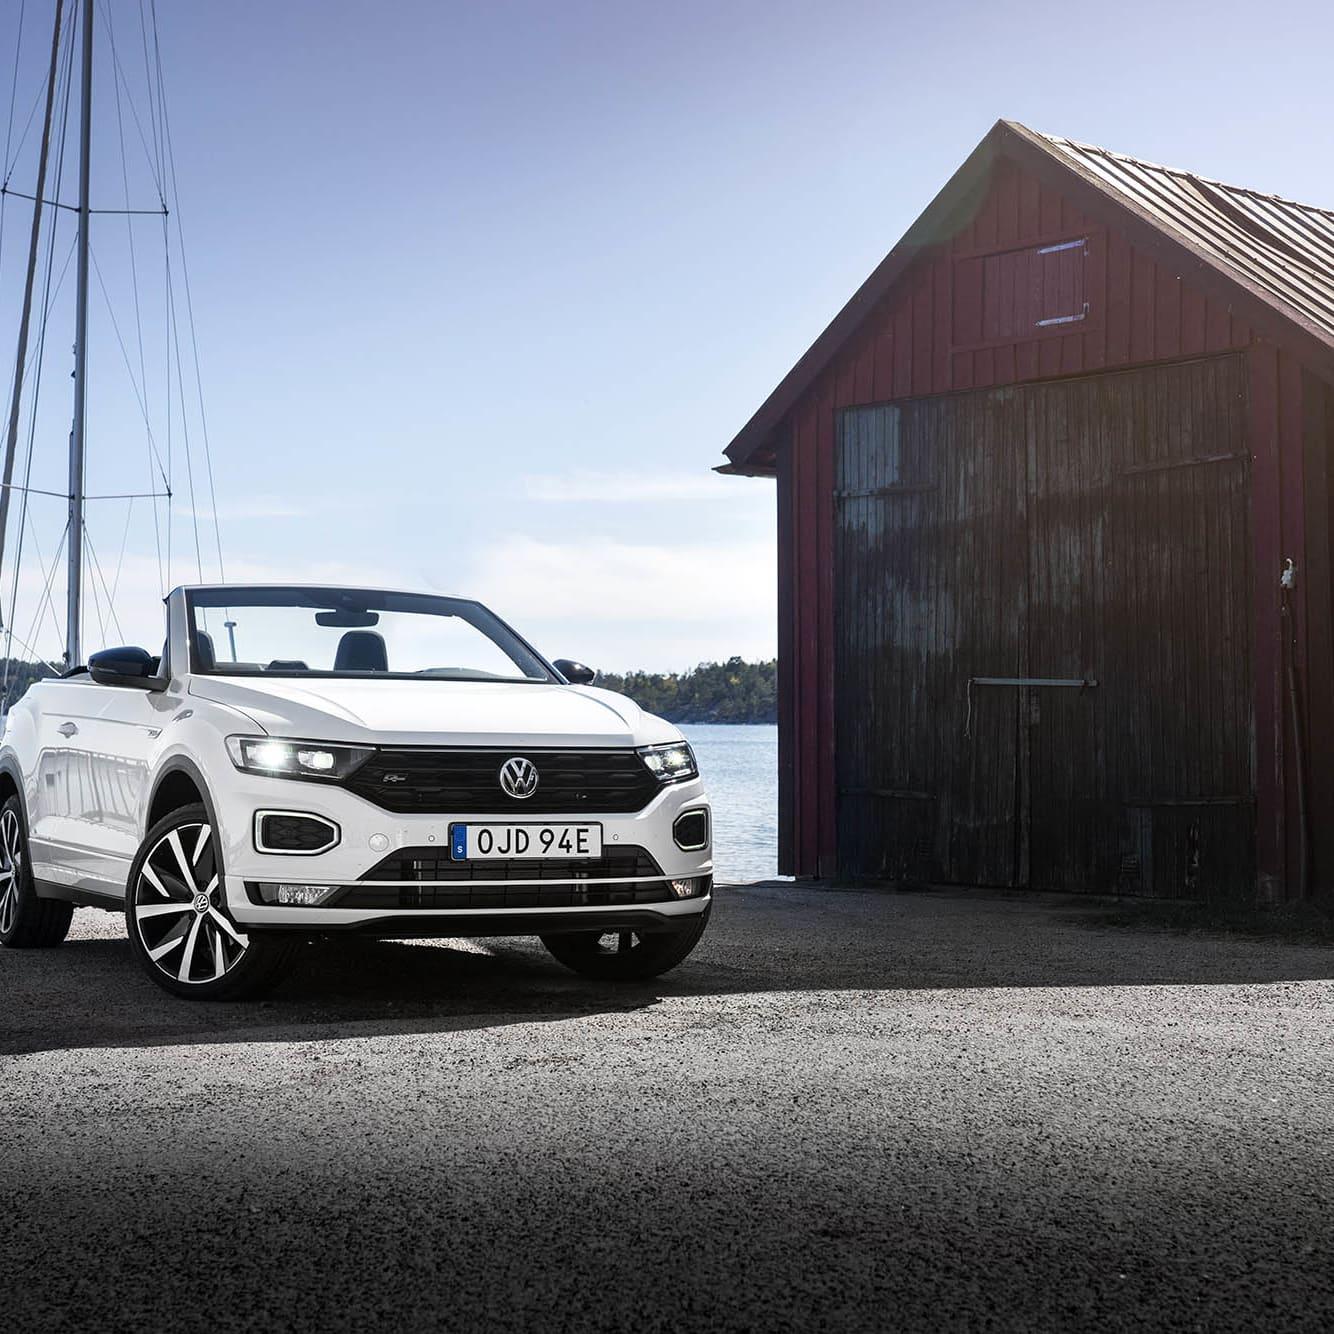 T-Roc Cabriolet känns om ett givet tillskott i Volkswagens familj och nog en trevligare bil i längden än vad Golf Cabriolet varit.